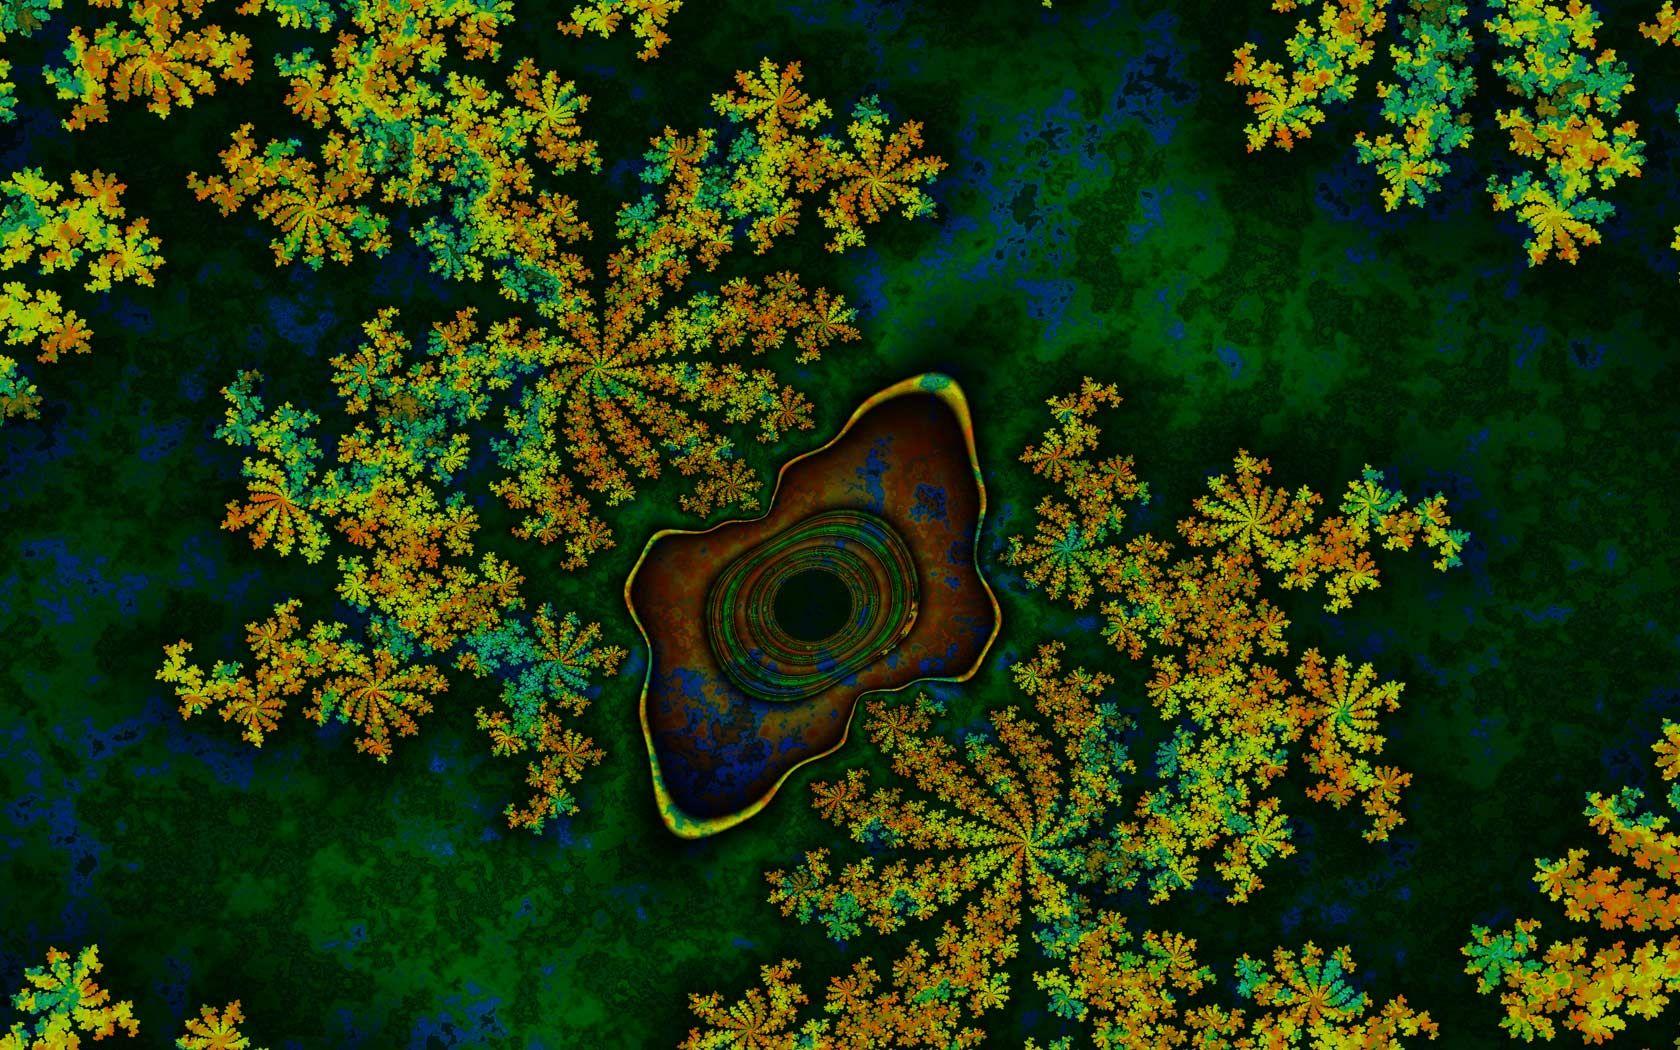 Fractals Background Wallpaper Fractals In Nature Fractals Fractal Images